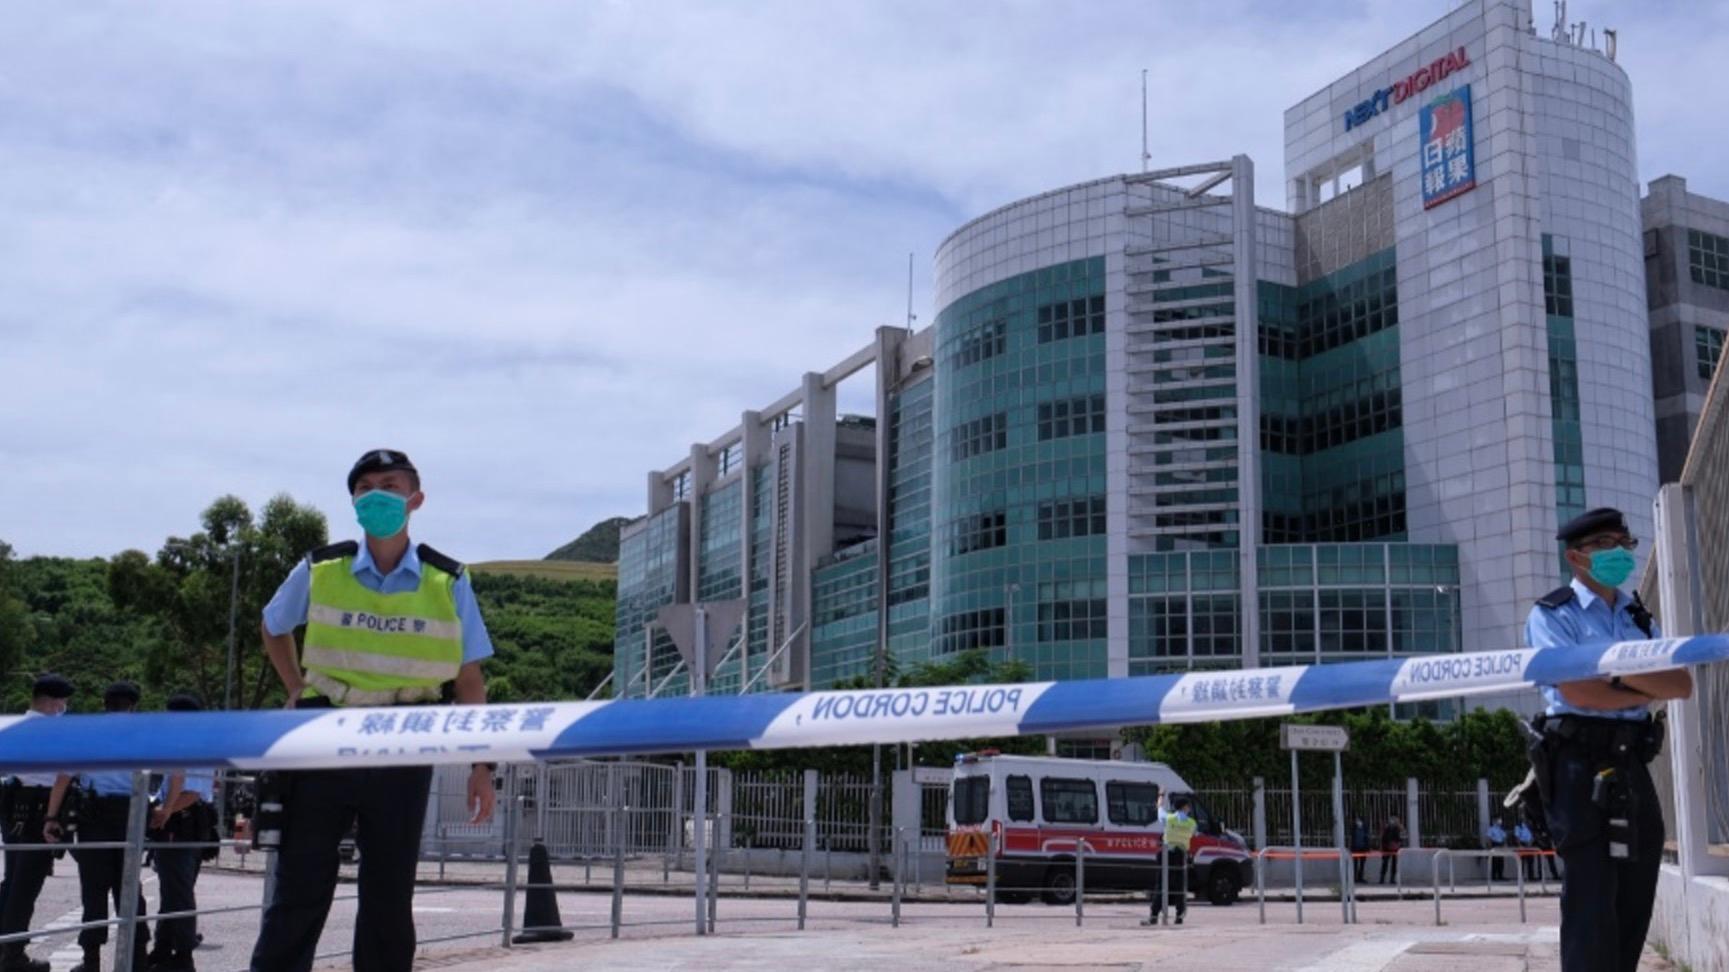 至少7人涉嫌勾结外国或境外势力危害国家安全等罪被捕 香港警方:不排除更多人被捕